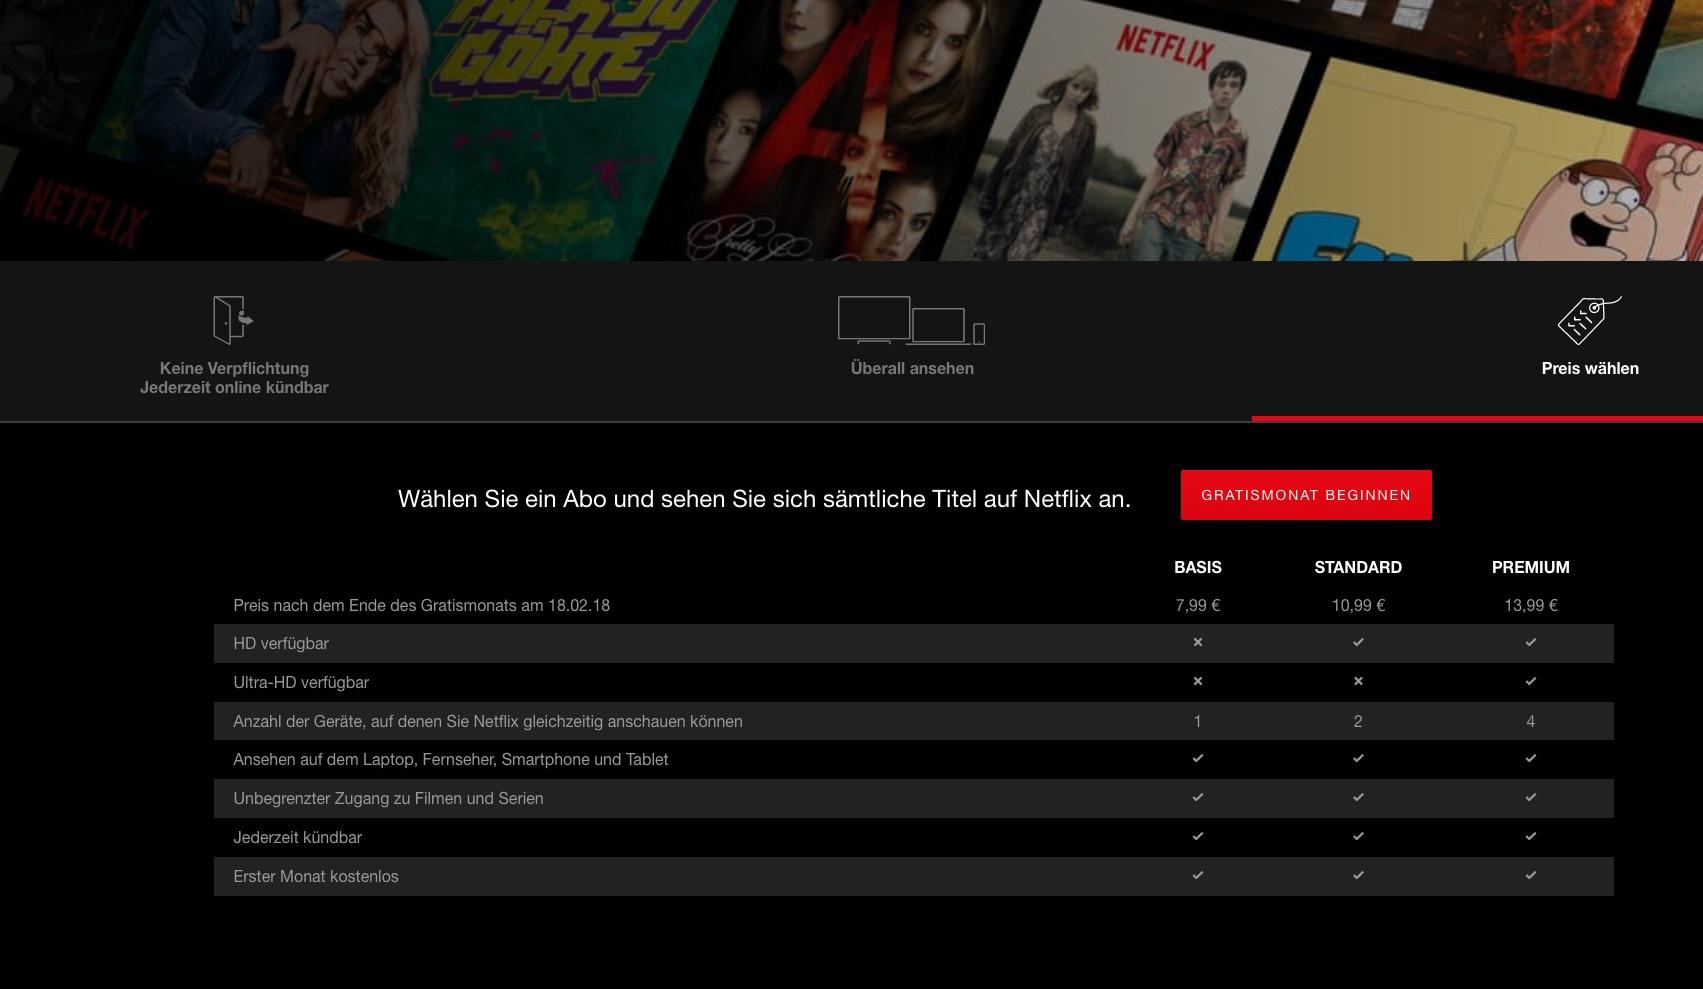 Netflix Preise